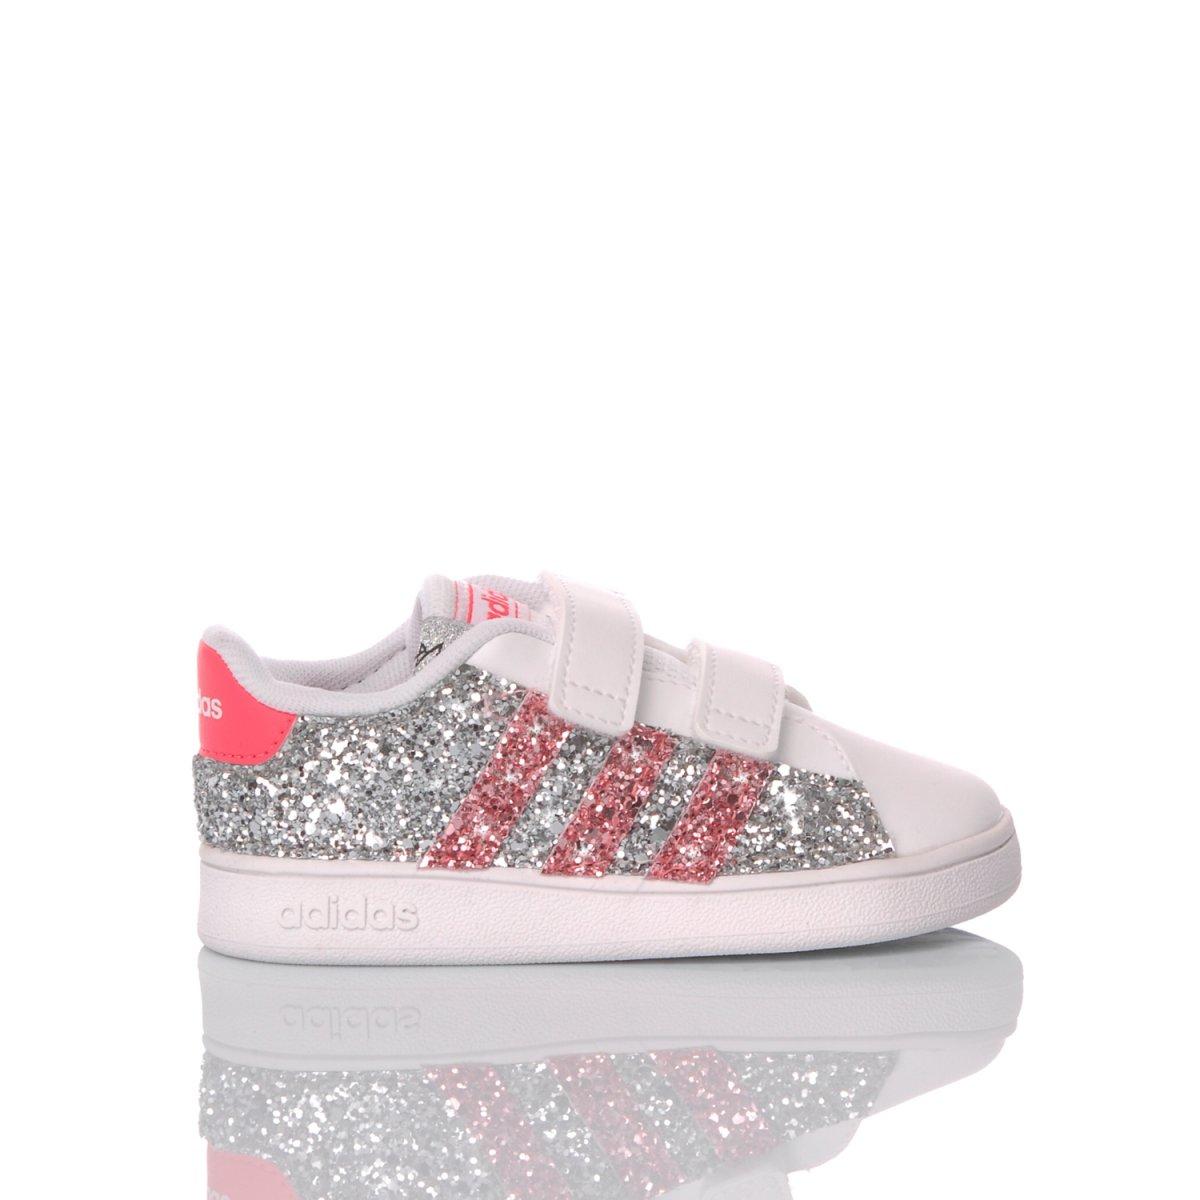 adidas superstar rosa glitter